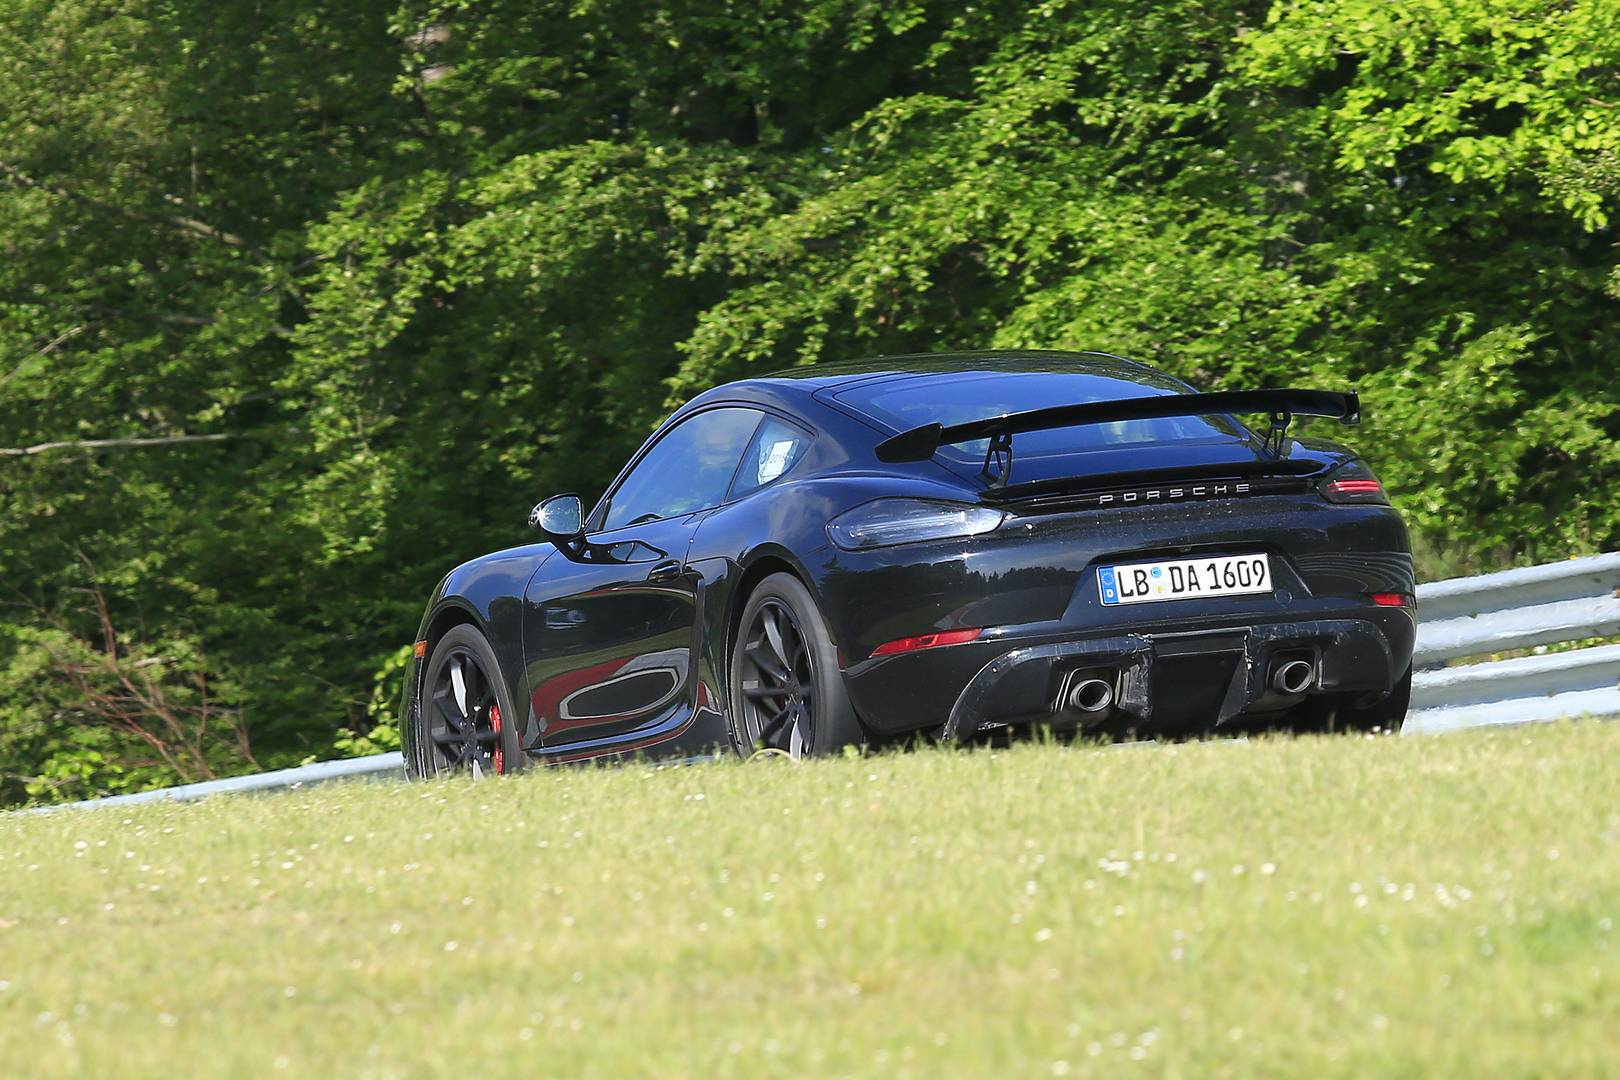 Фотографии демонстрируют горячо ожидаемый Porsche 718 Cayman GT4.